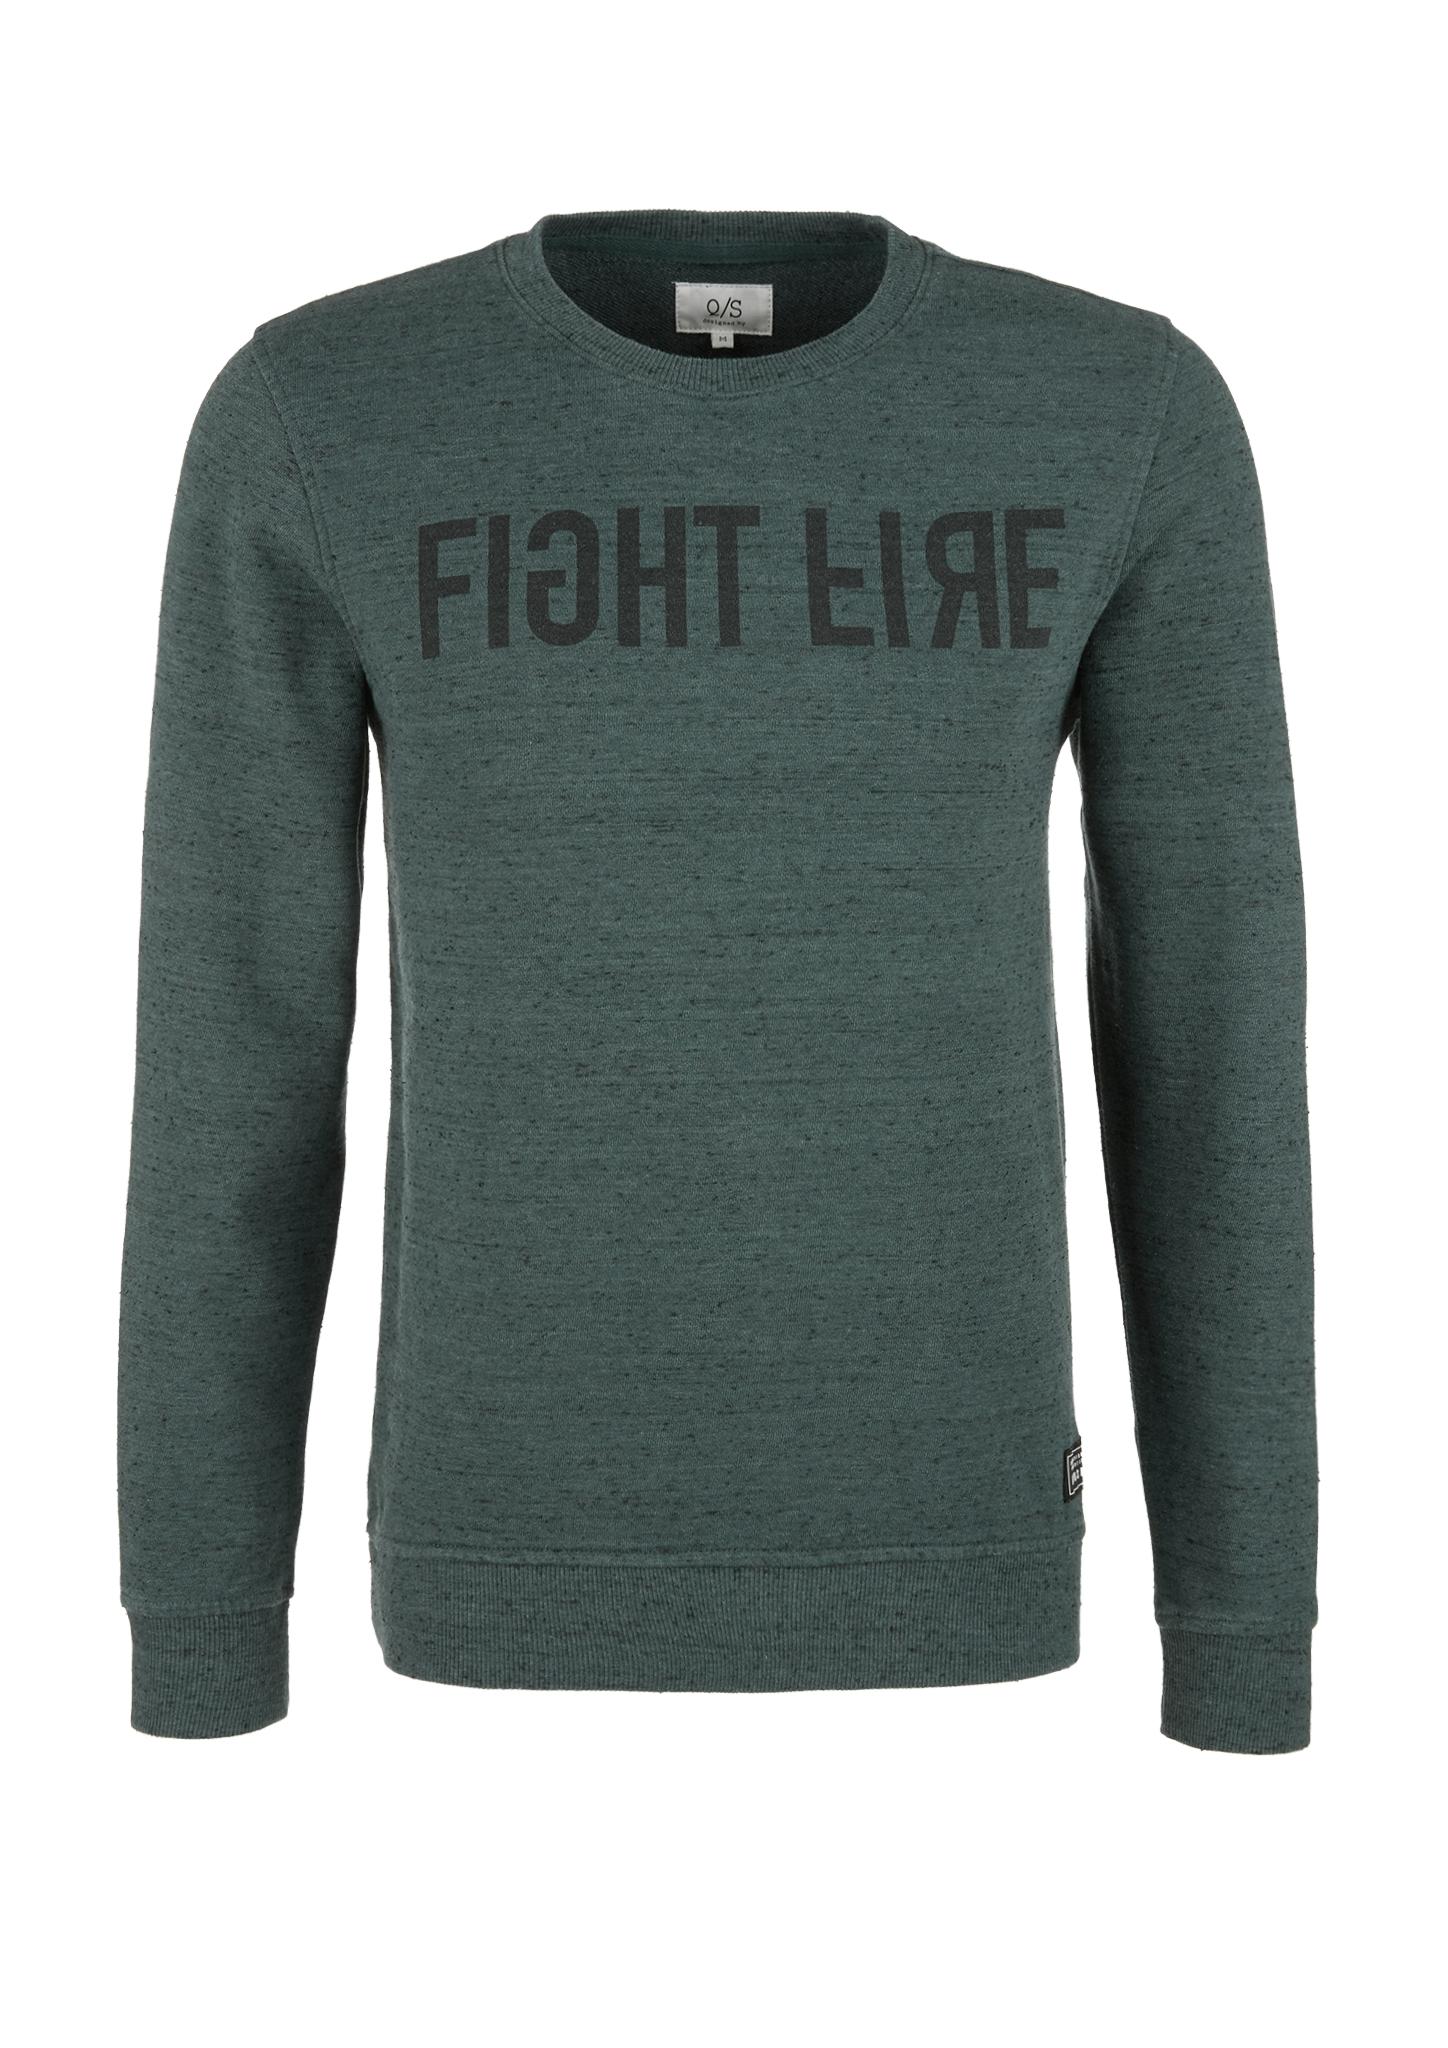 Sweatshirt | Bekleidung > Sweatshirts & -jacken > Sweatshirts | Grün | 60% baumwolle -  40% polyester | Q/S designed by